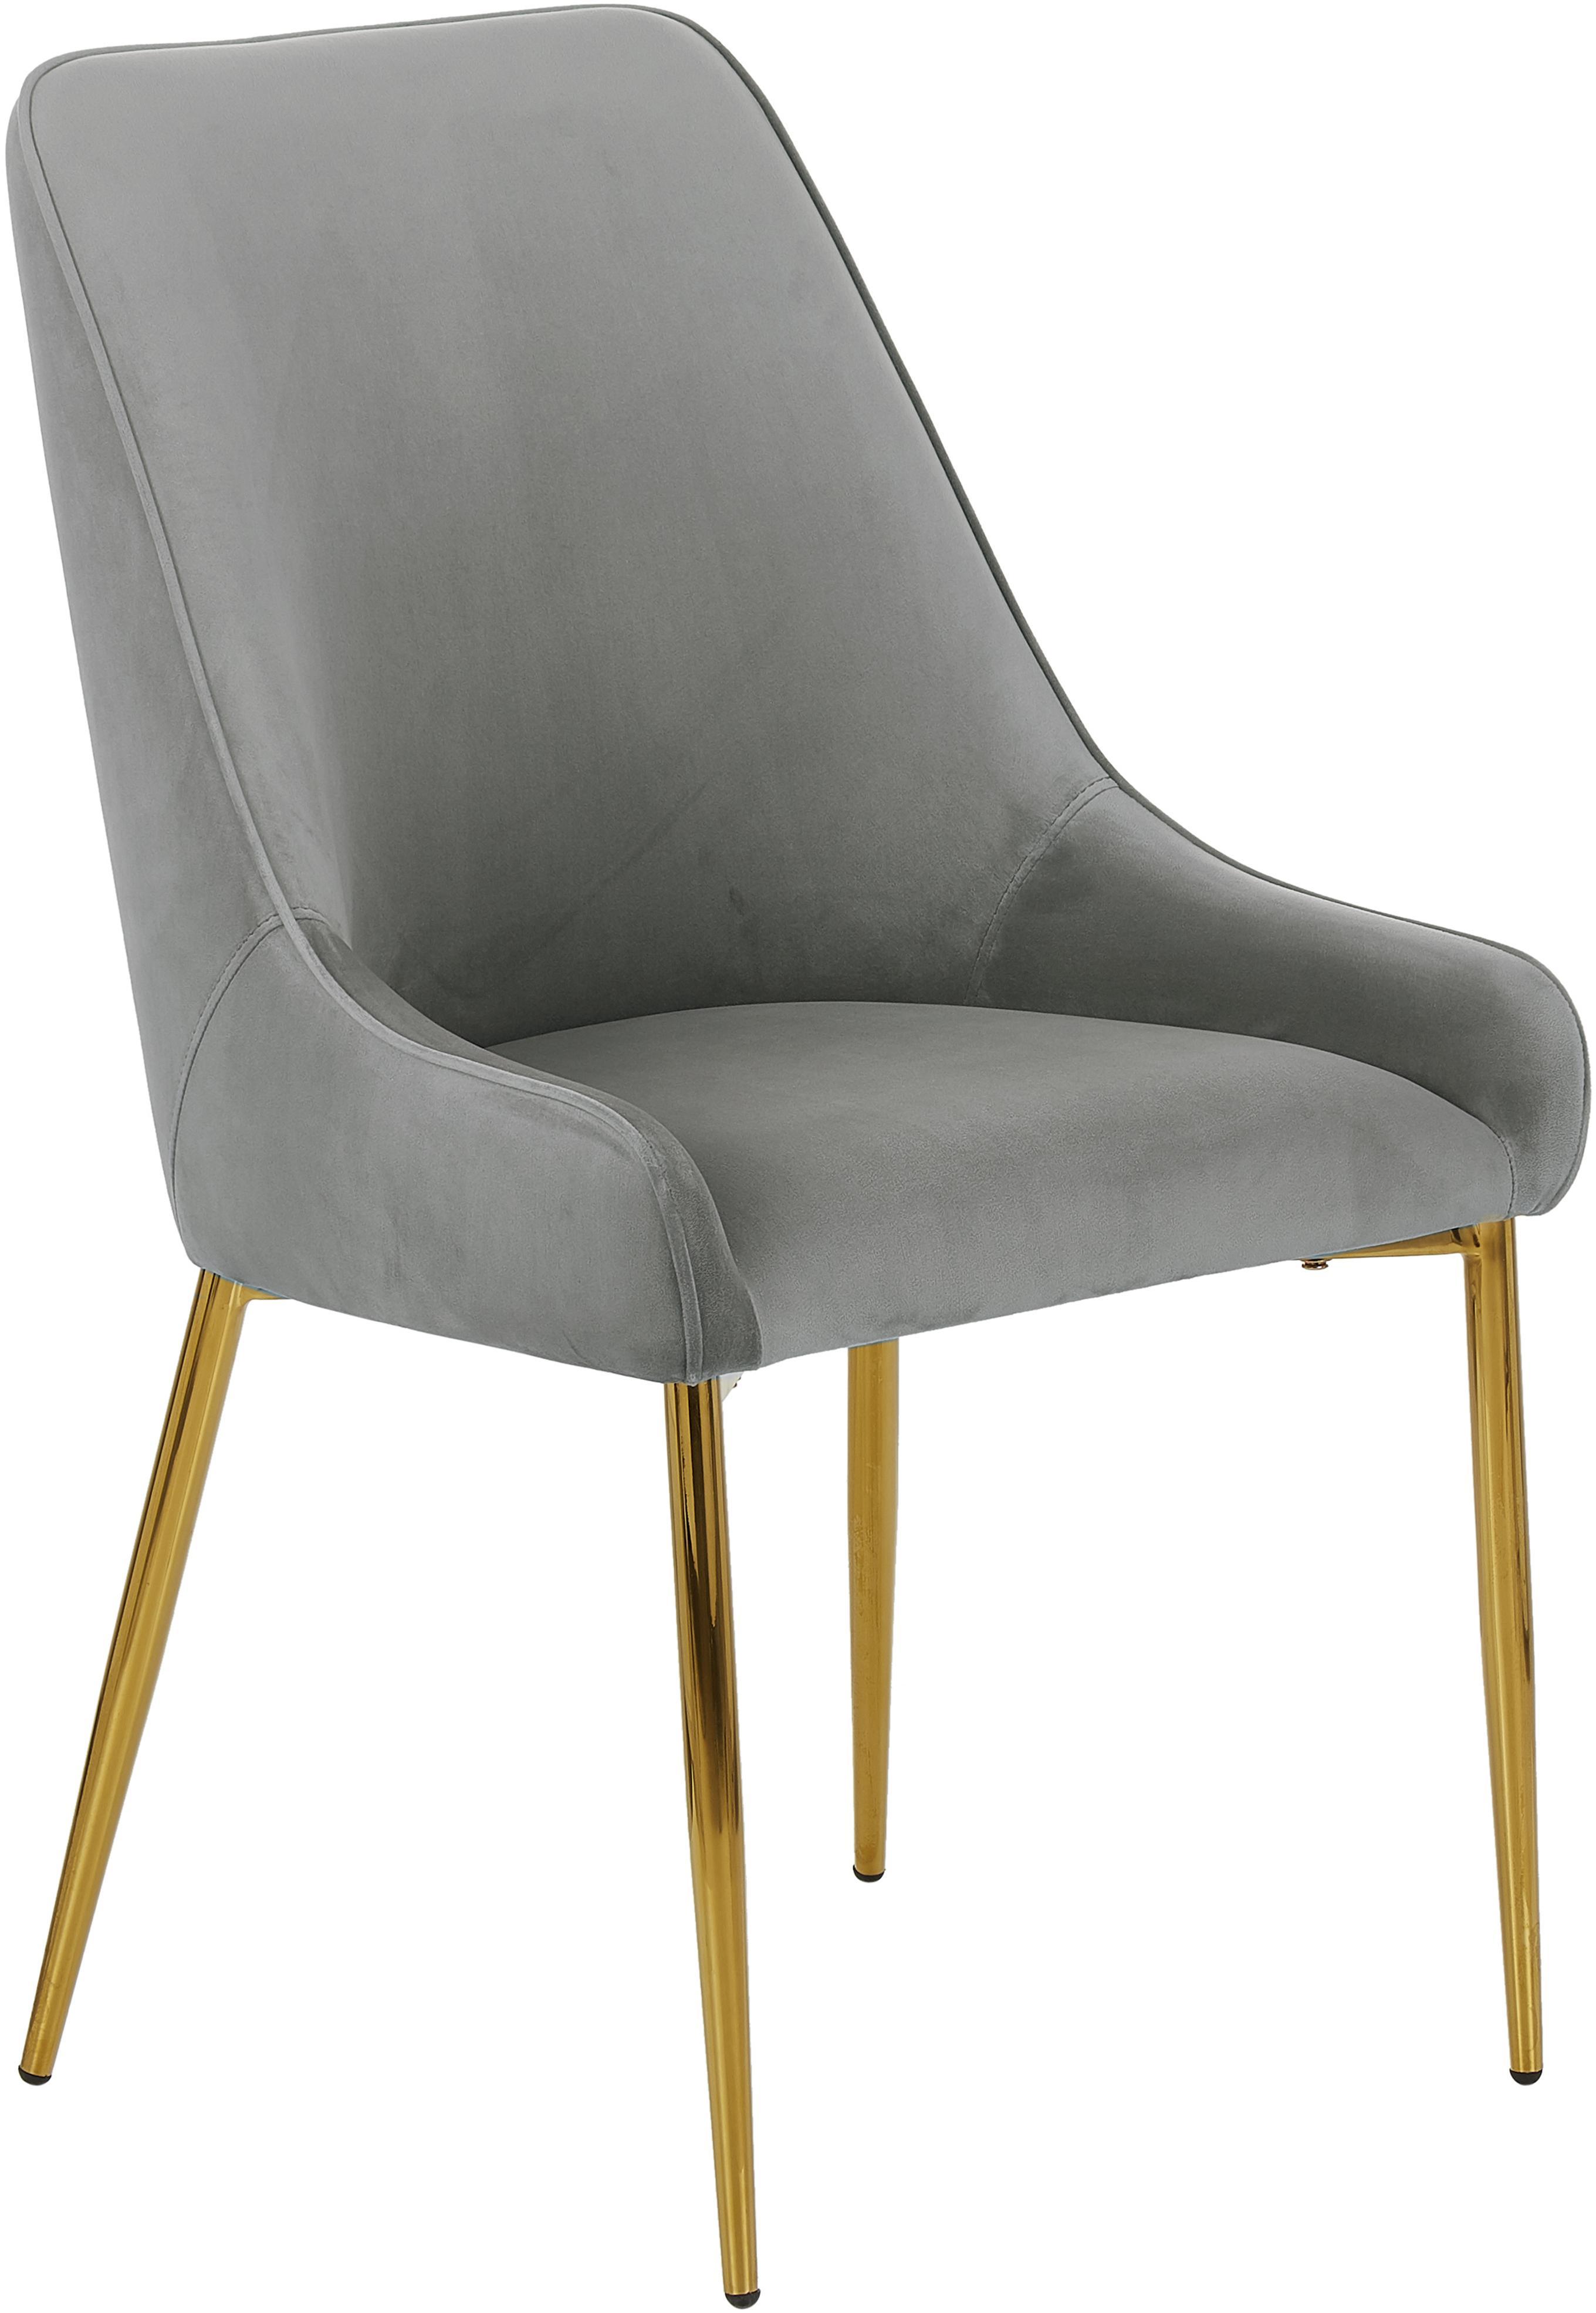 Samt-Polsterstuhl Ava mit goldfarbenen Beinen, Bezug: Samt (100% Polyester) Der, Beine: Metall, galvanisiert, Samt Grau, B 53 x T 60 cm